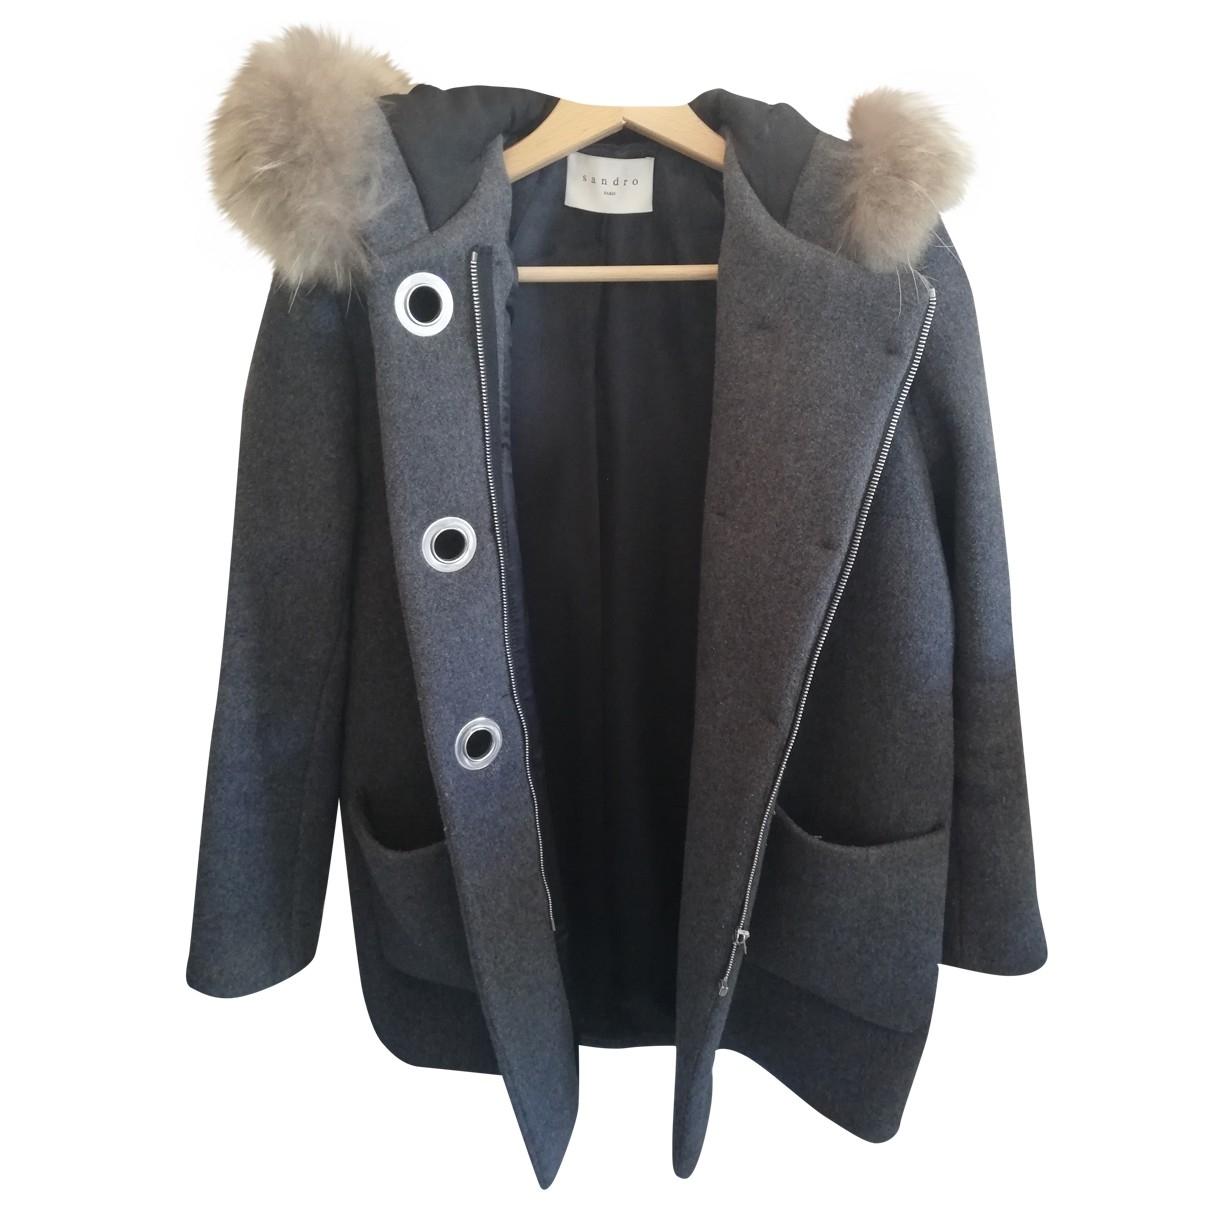 Sandro \N Grey Wool coat for Women 36 FR